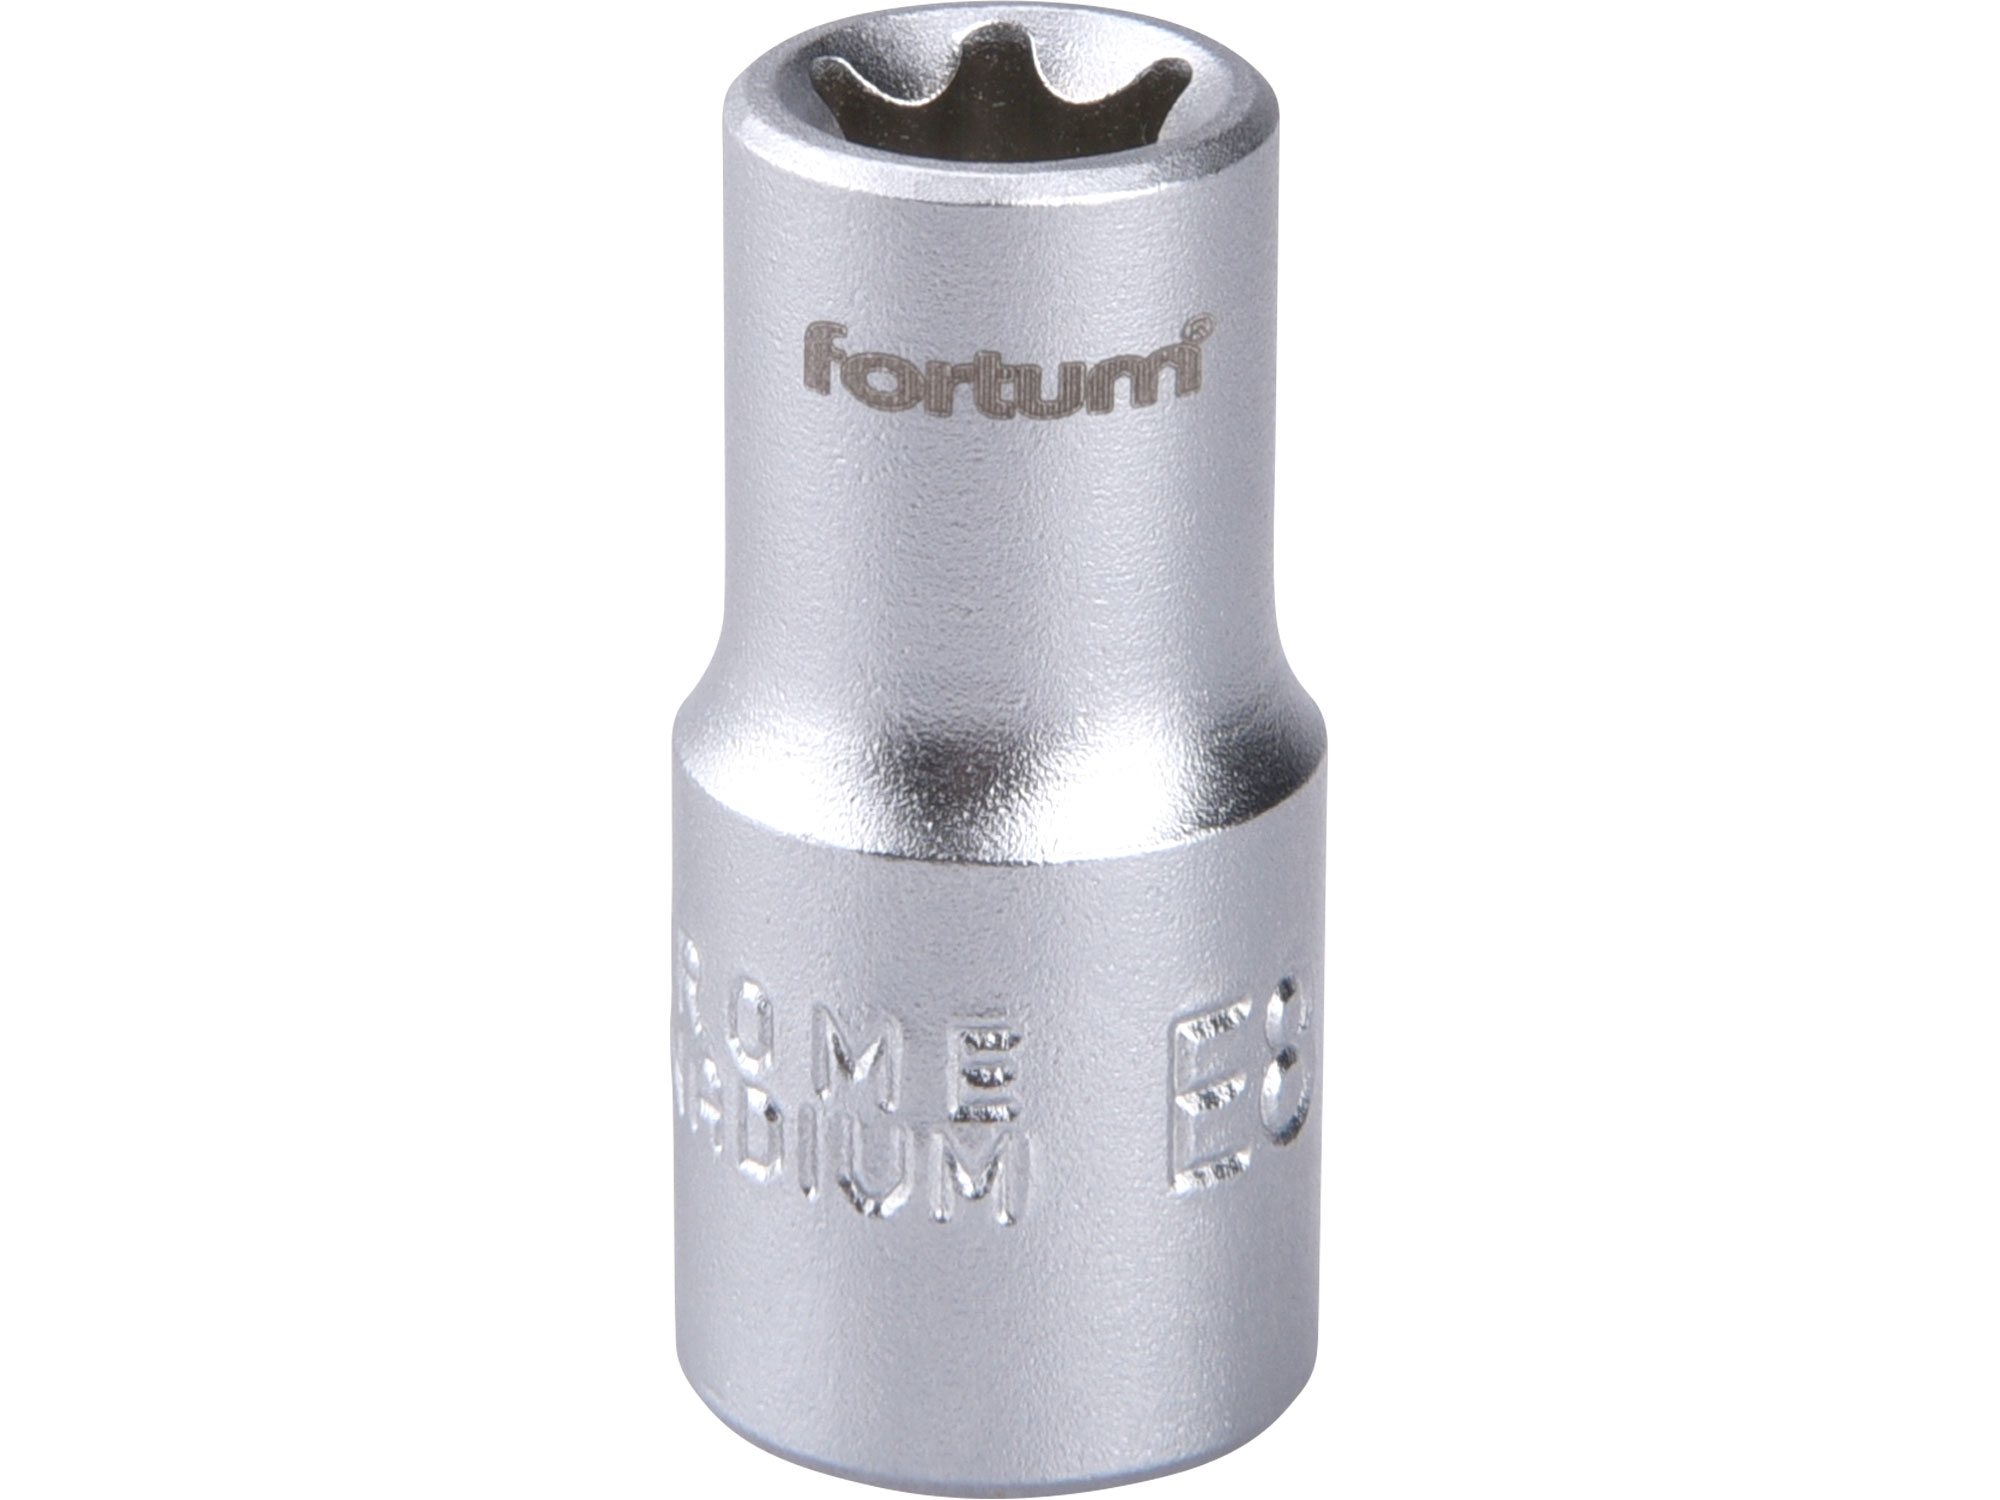 """hlavice nástrčná vnitřní TORX, 1/4"""", E 8, L 25mm, FORTUM 4701708"""